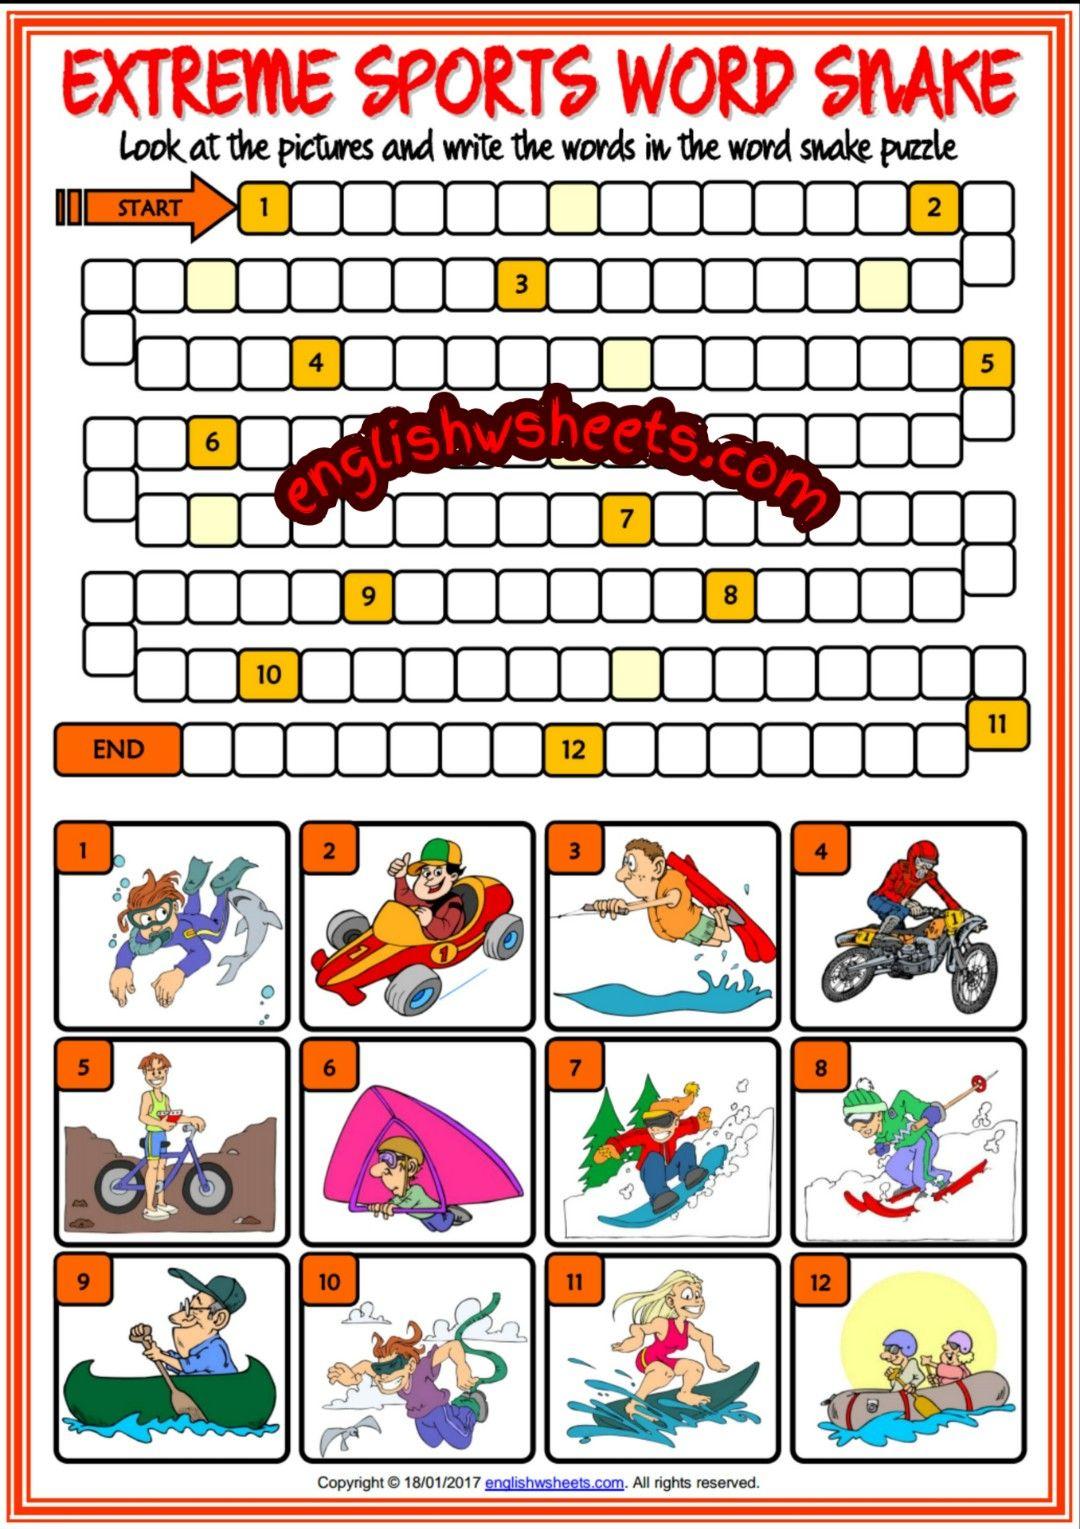 worksheet Sports Worksheets extreme sports esl printable word snake puzzle worksheet for kids kids